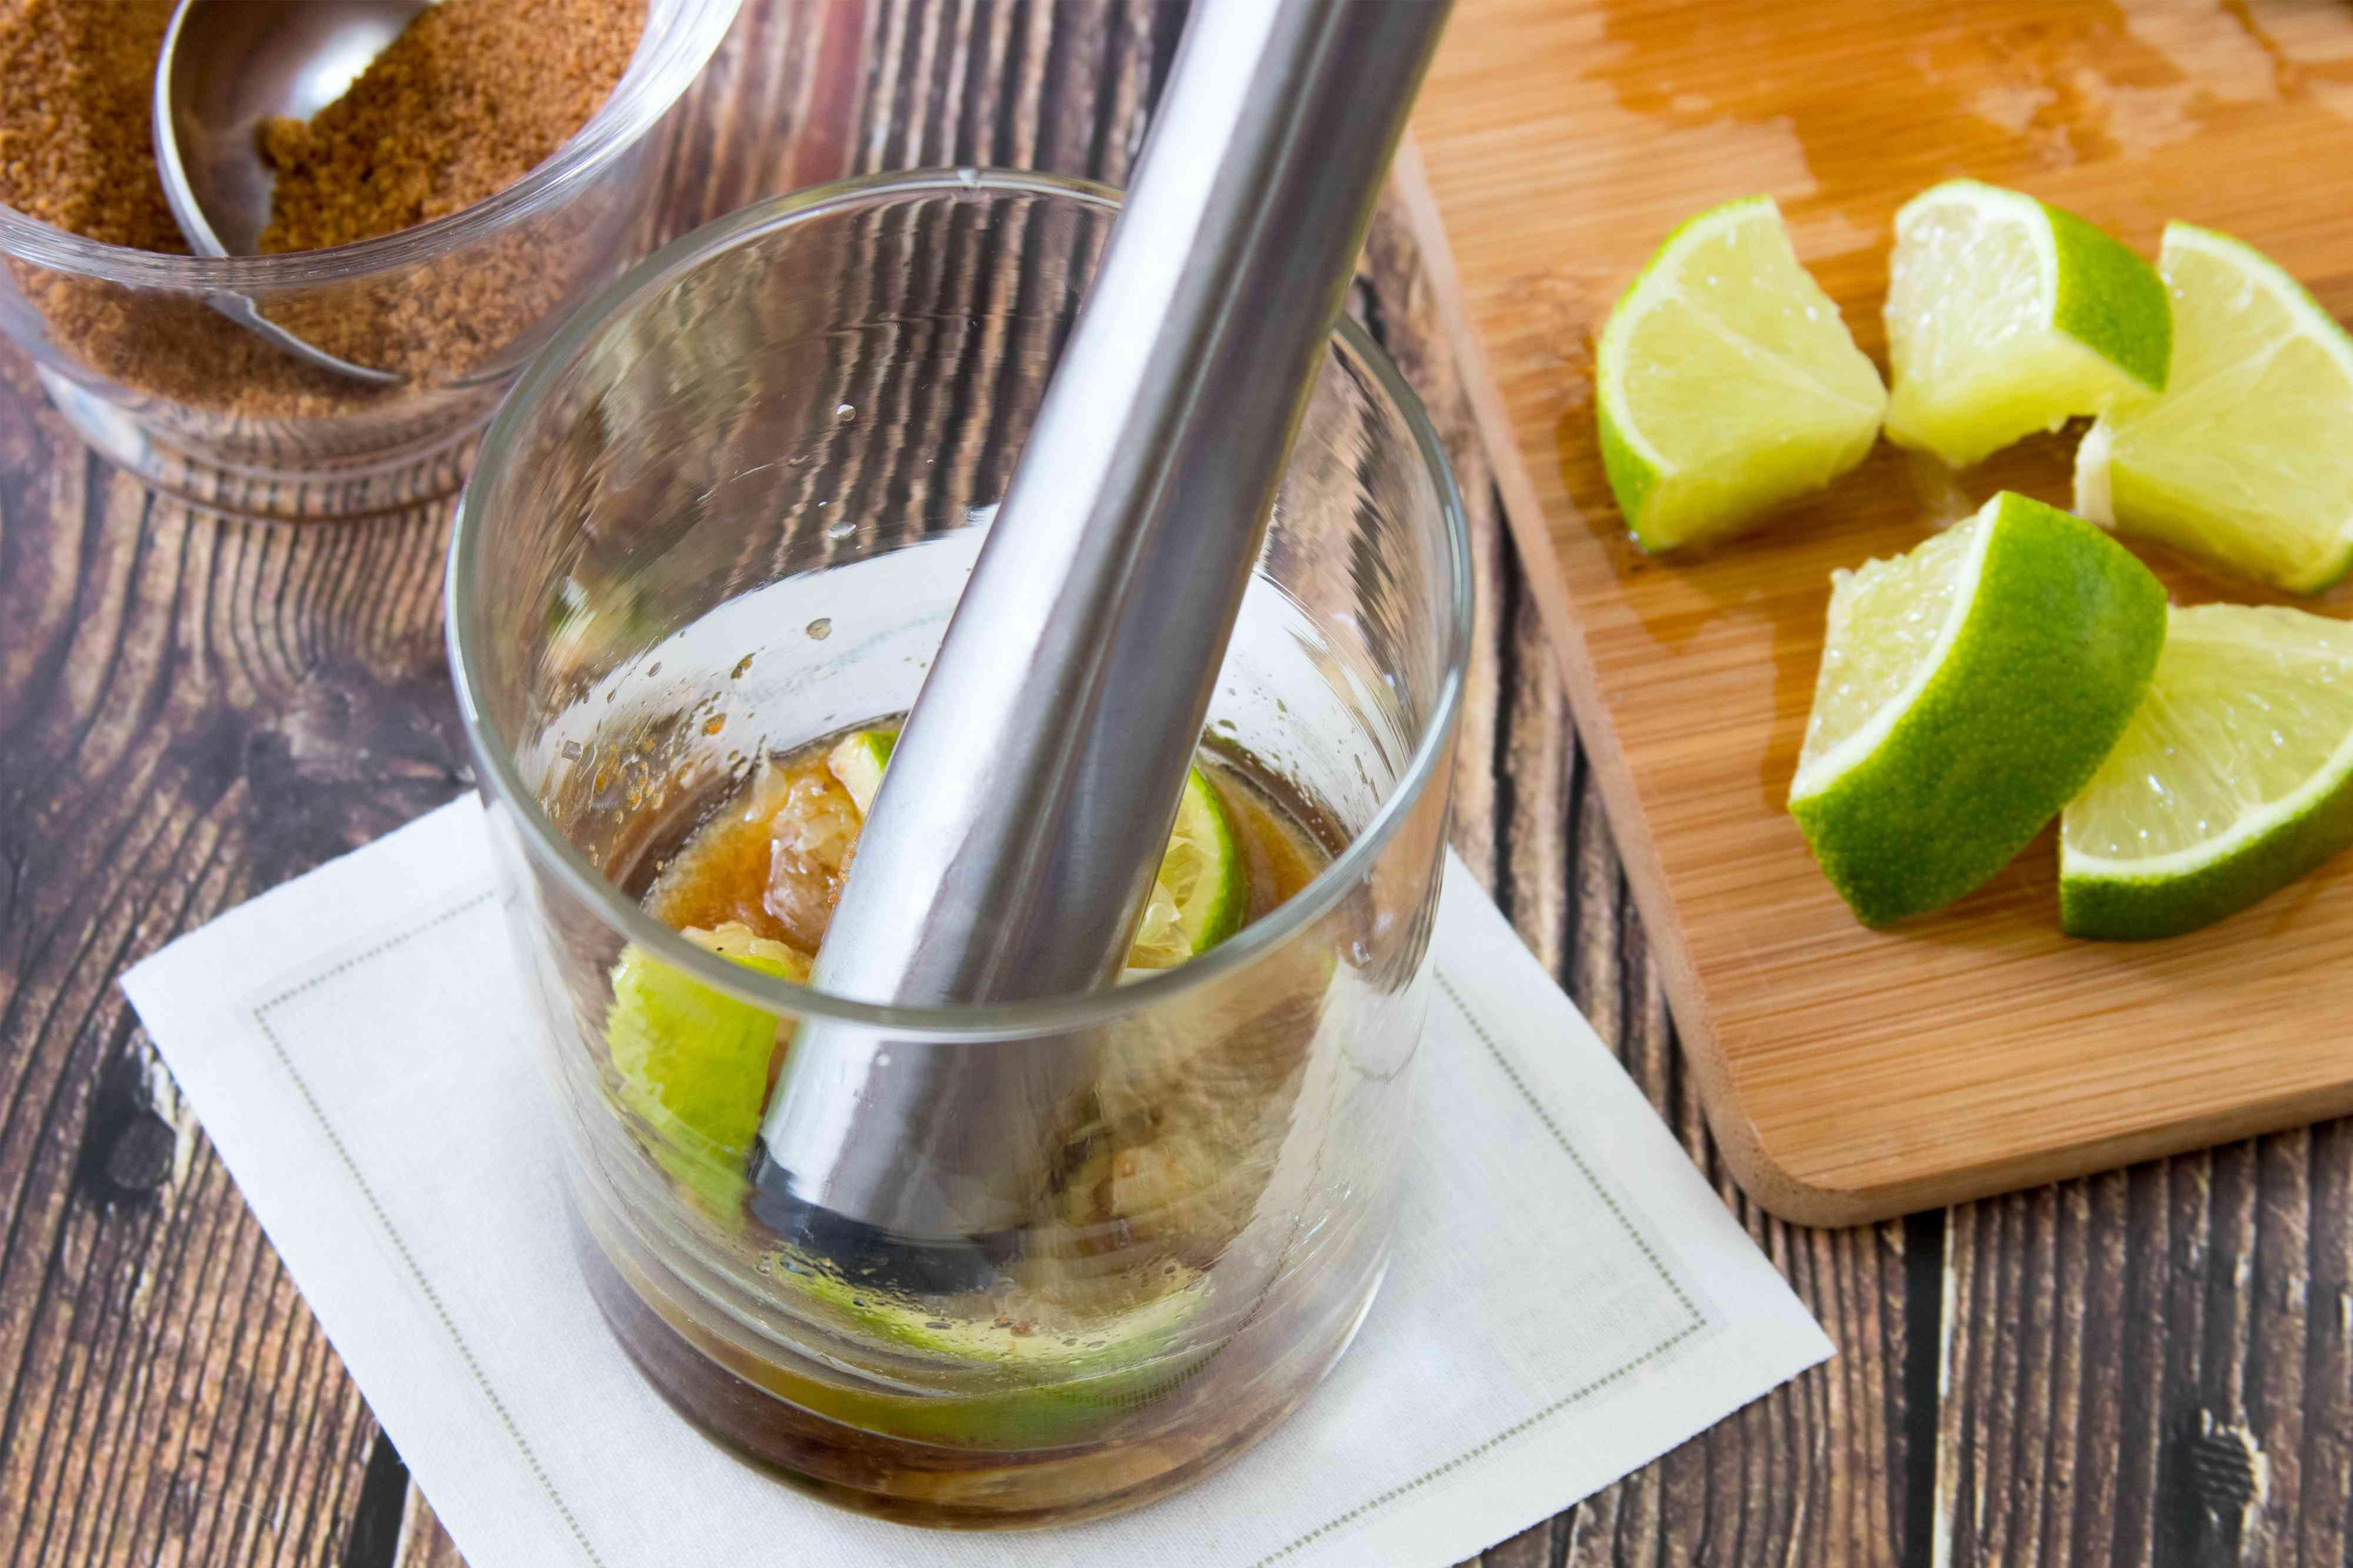 Mixing a Caipiroska Cocktail